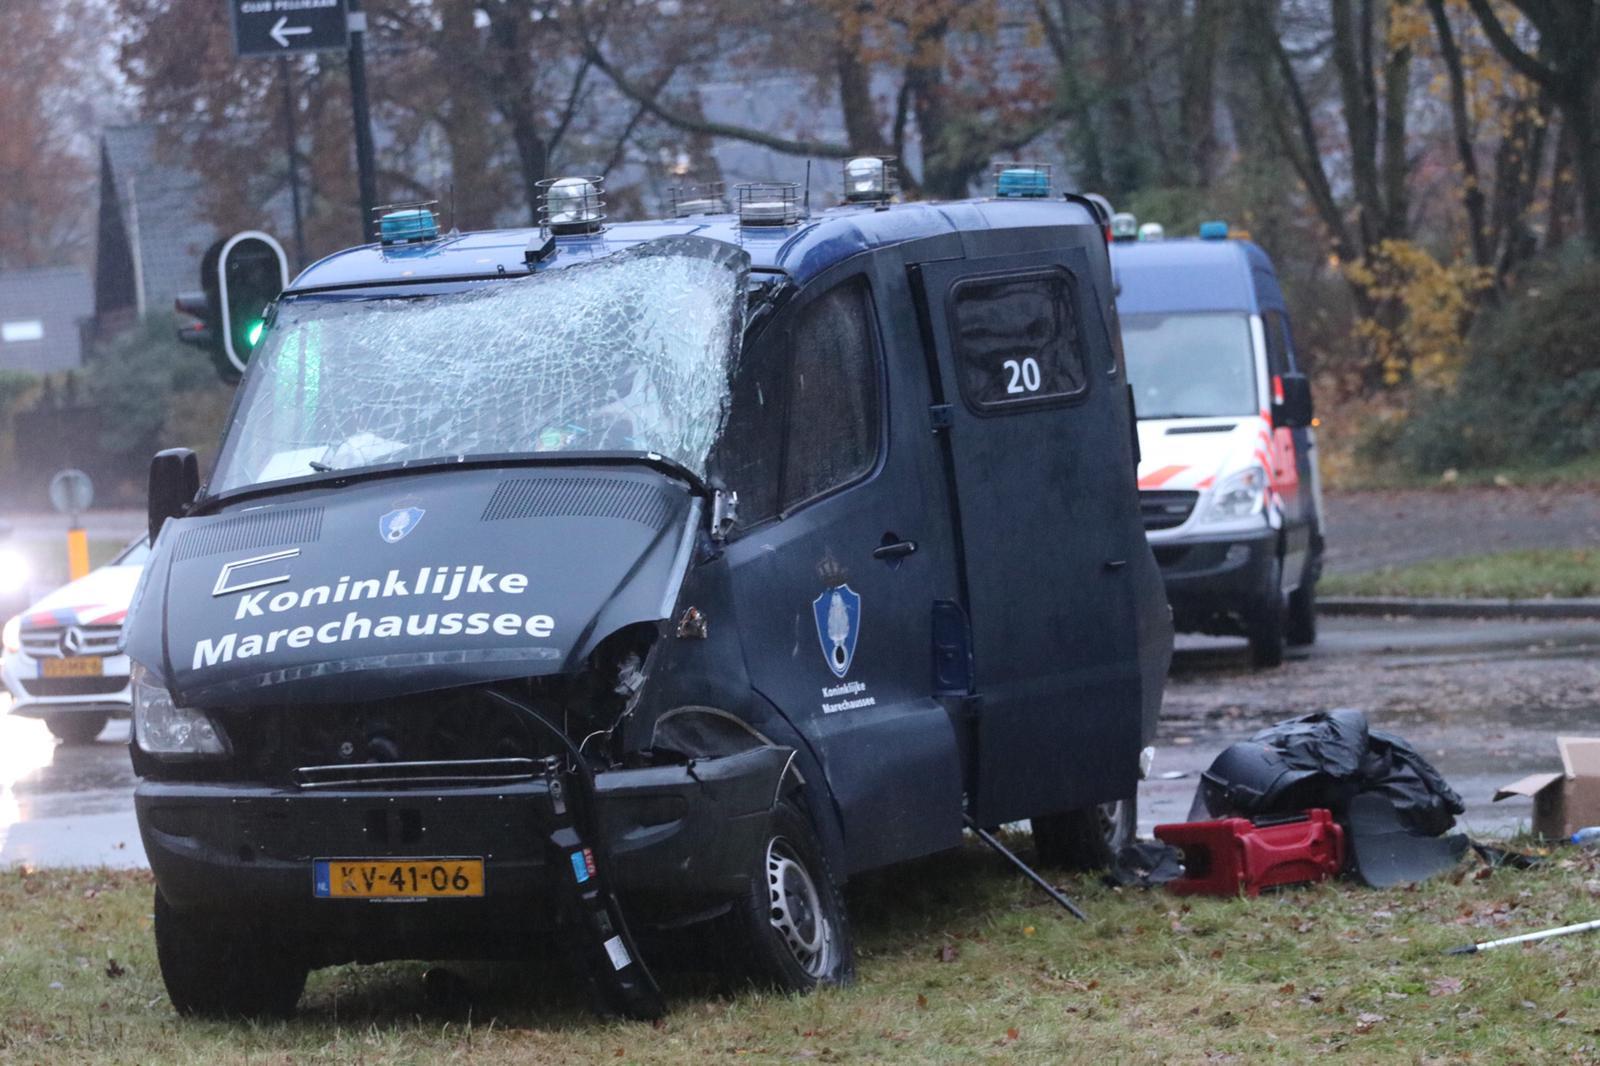 Bestuurder Koninklijke Marechaussee bus gewond na aanrijding